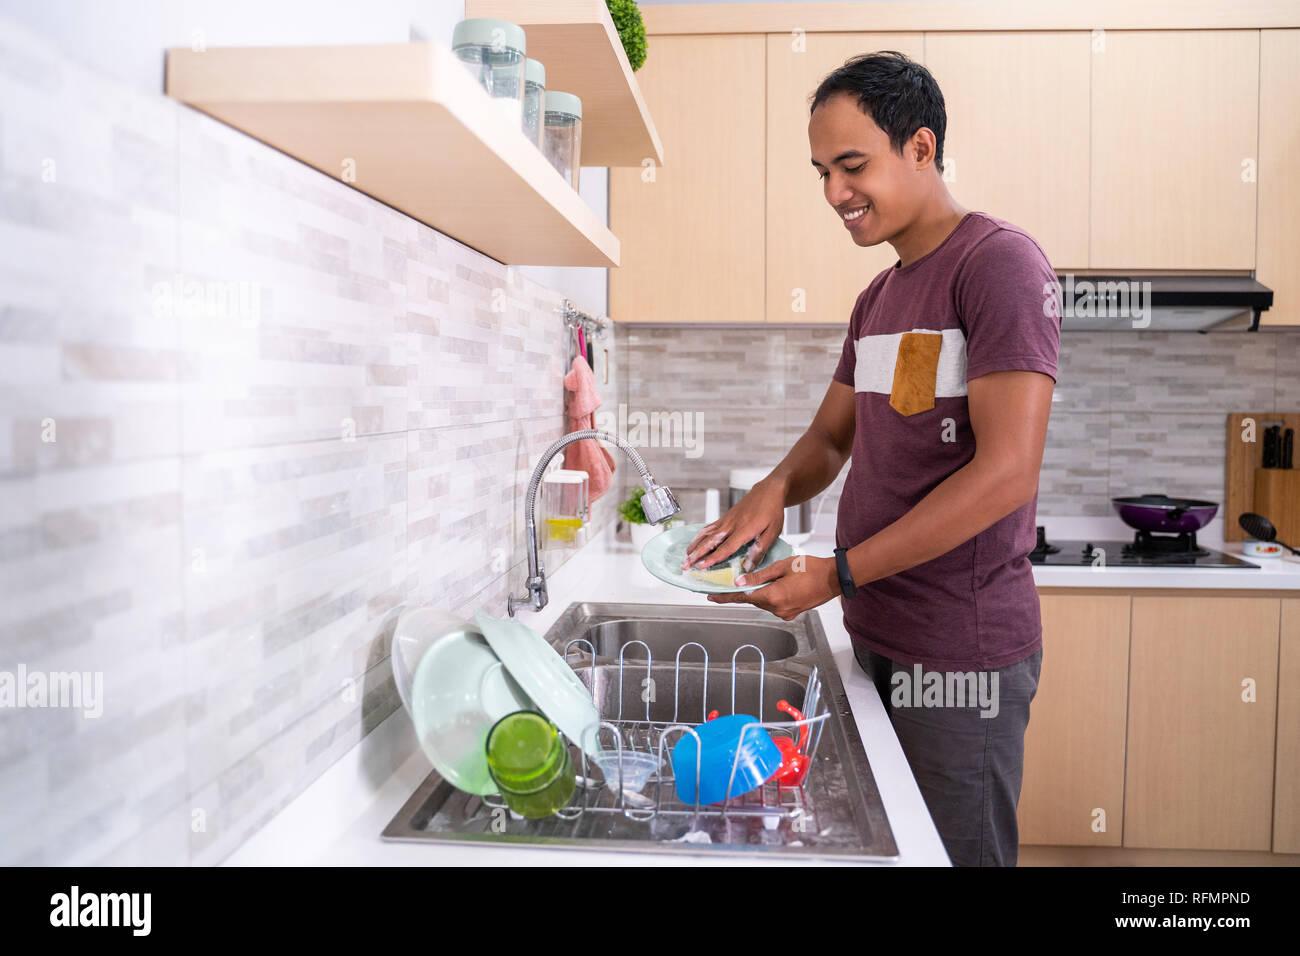 Waschen mann Teller in die Spüle Stockfoto